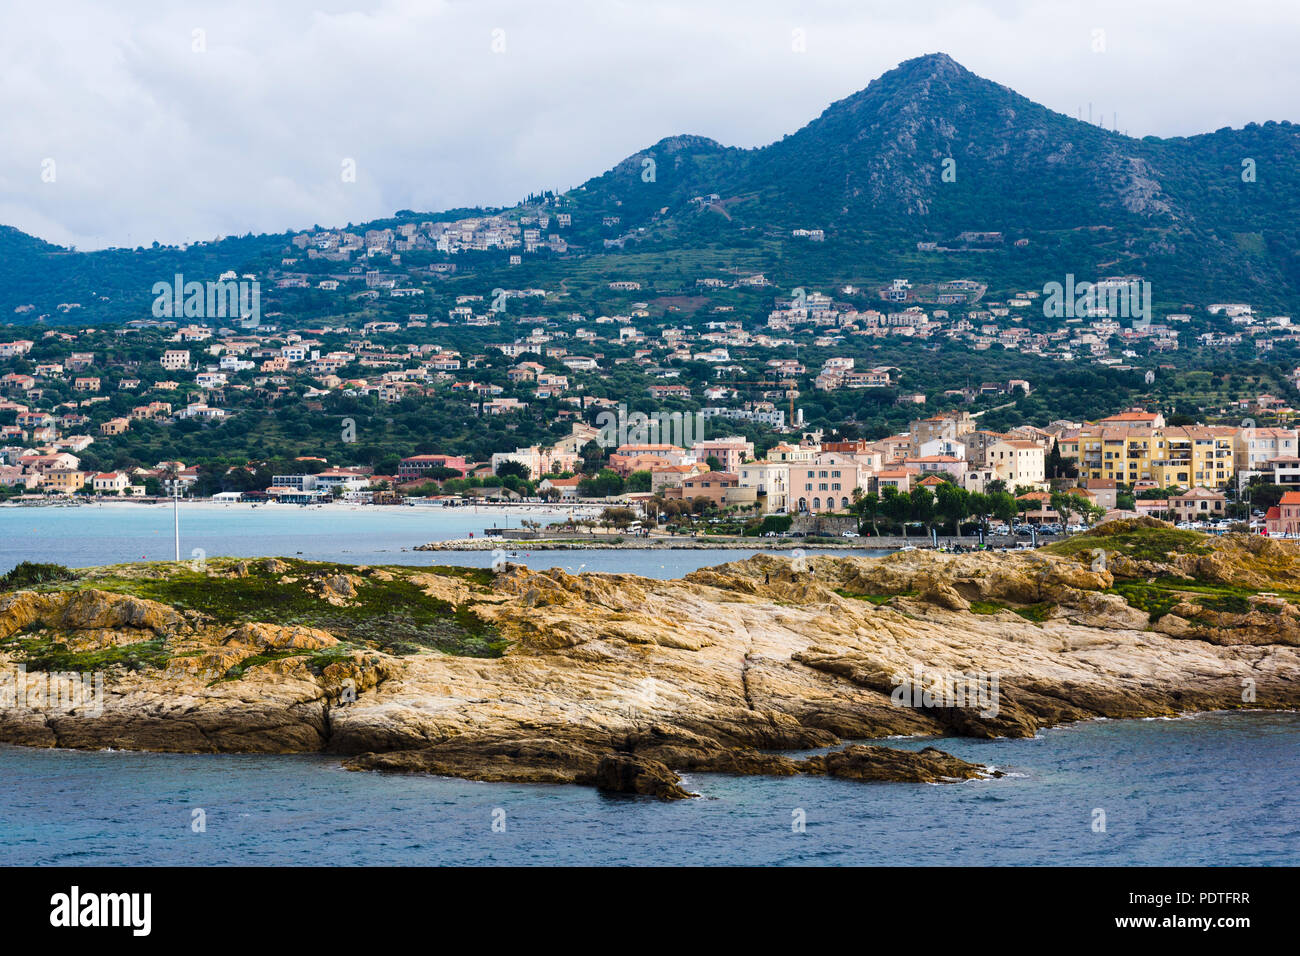 View from Île de la Pietra (Pietra Island) towards L'Île-Rousse, Corsica, France - Stock Image